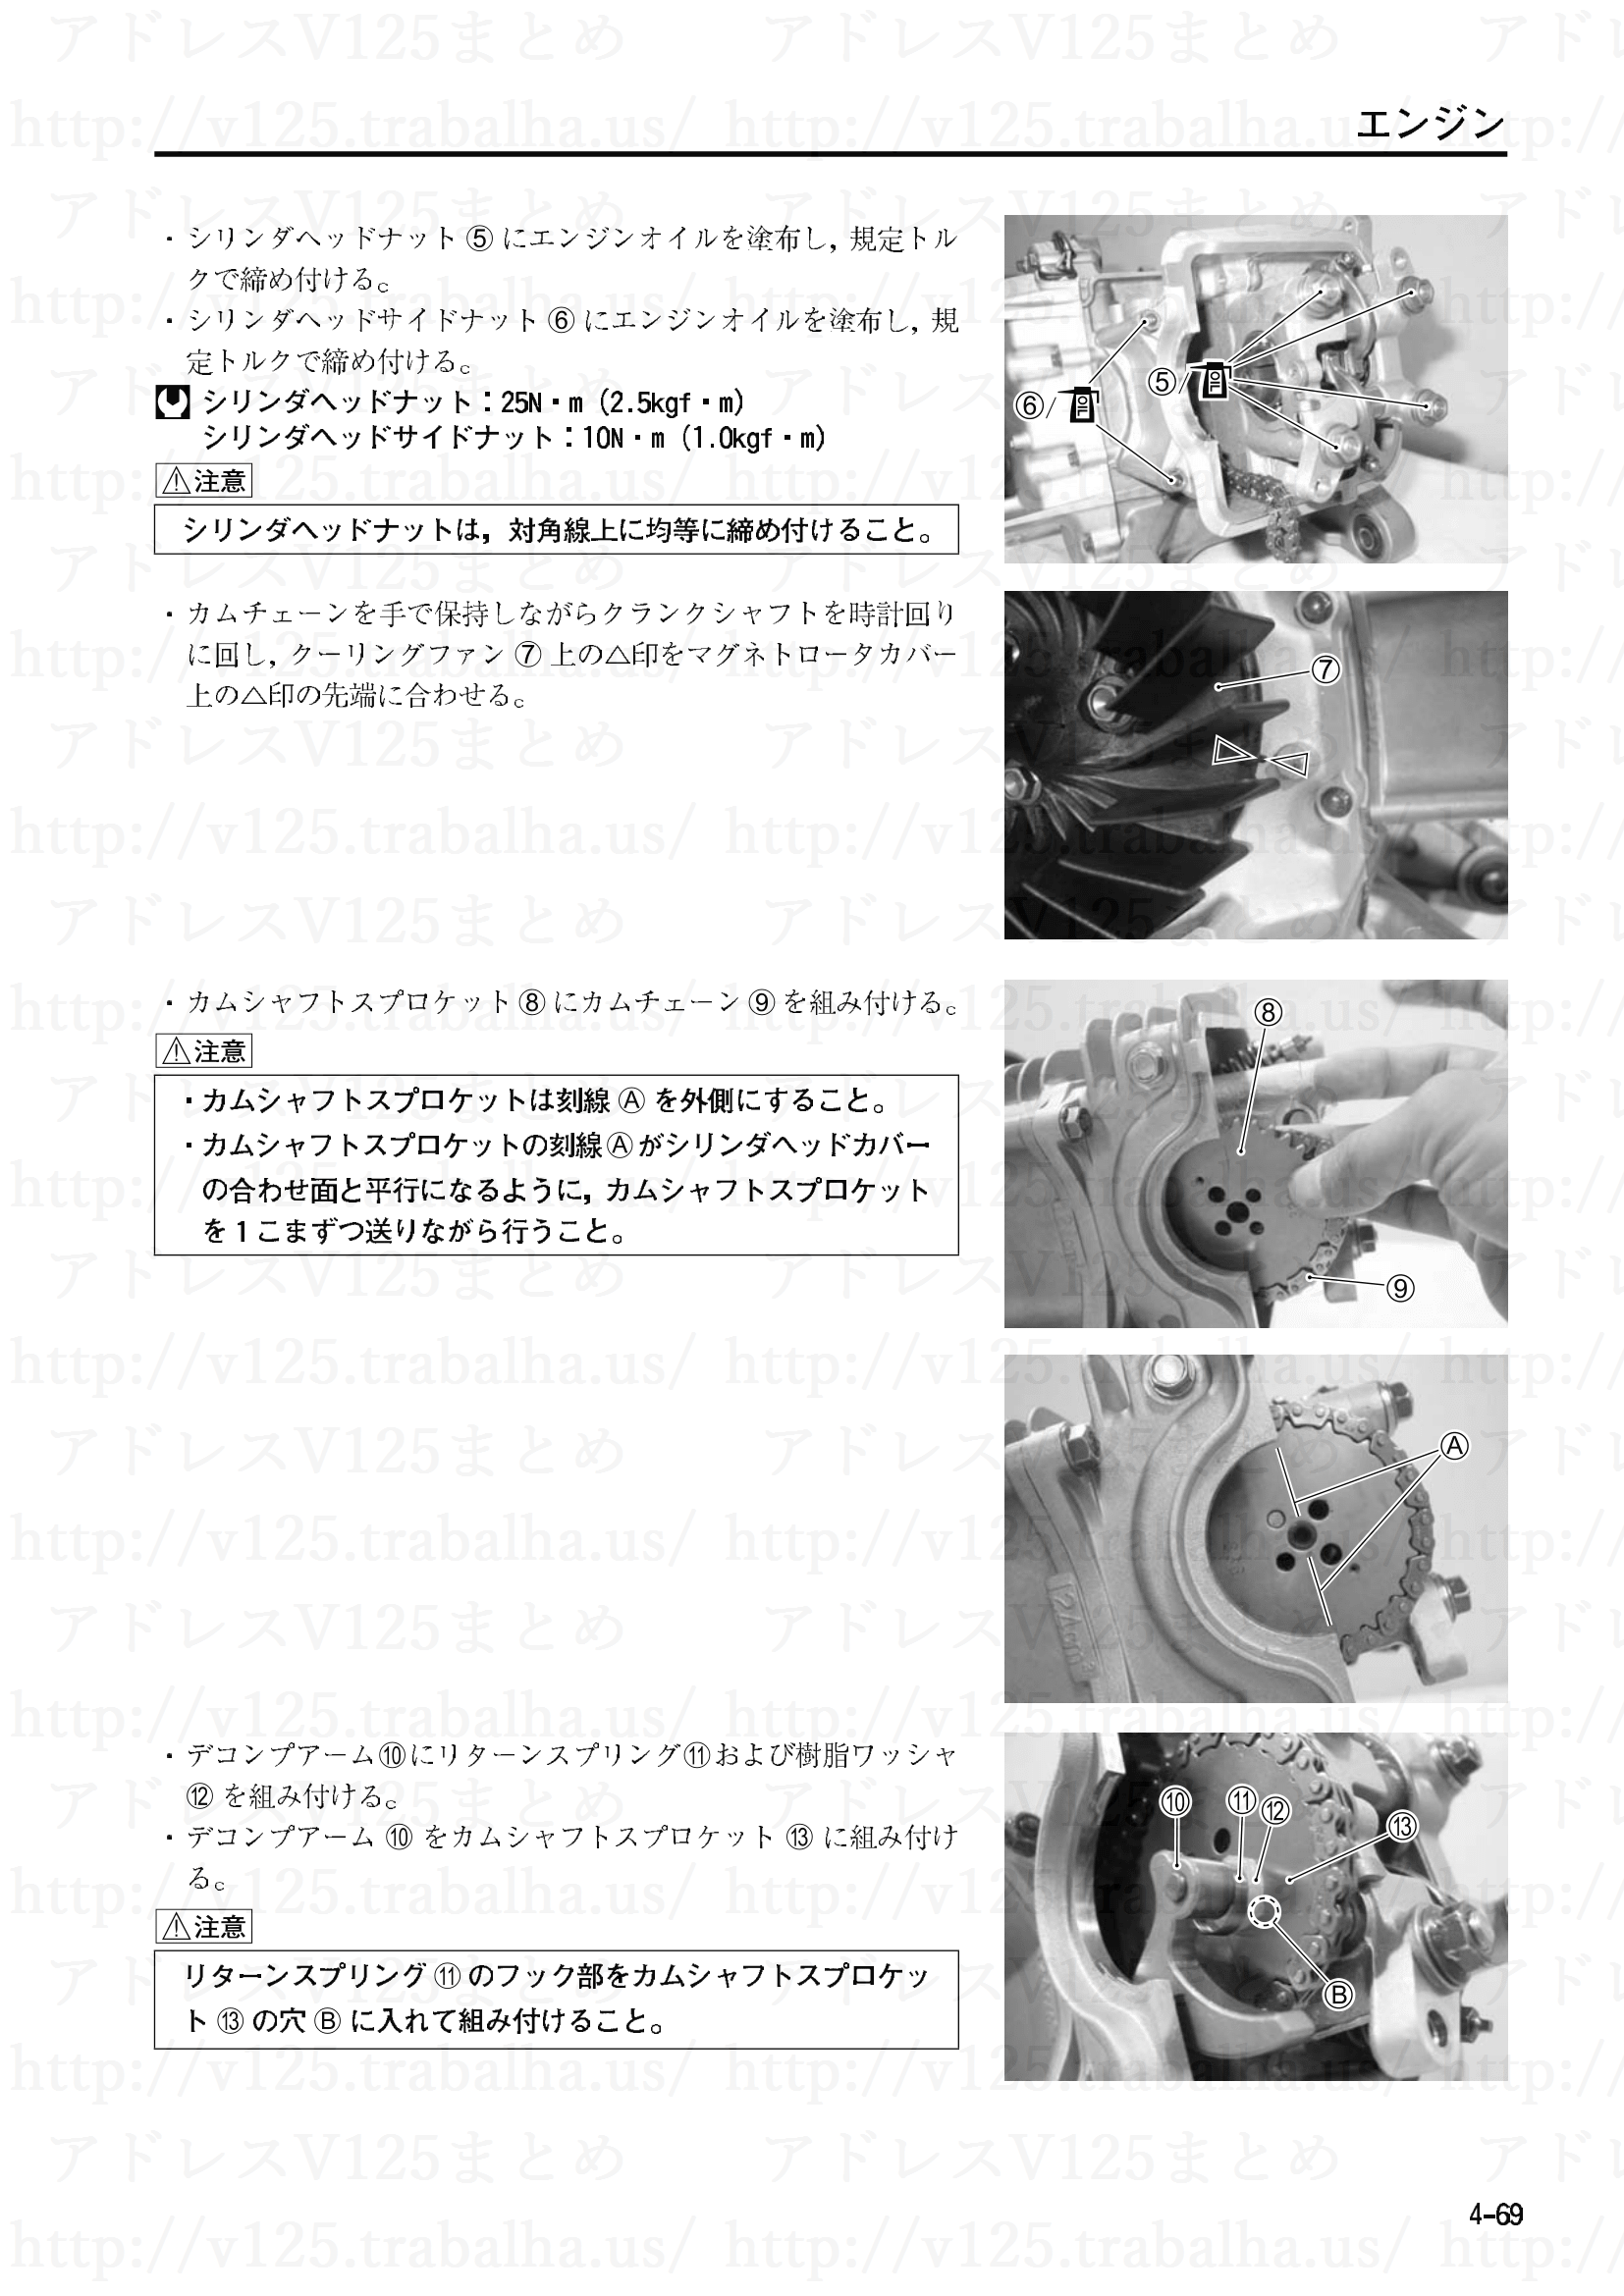 4-69【エンジン】エンジンの組立て13